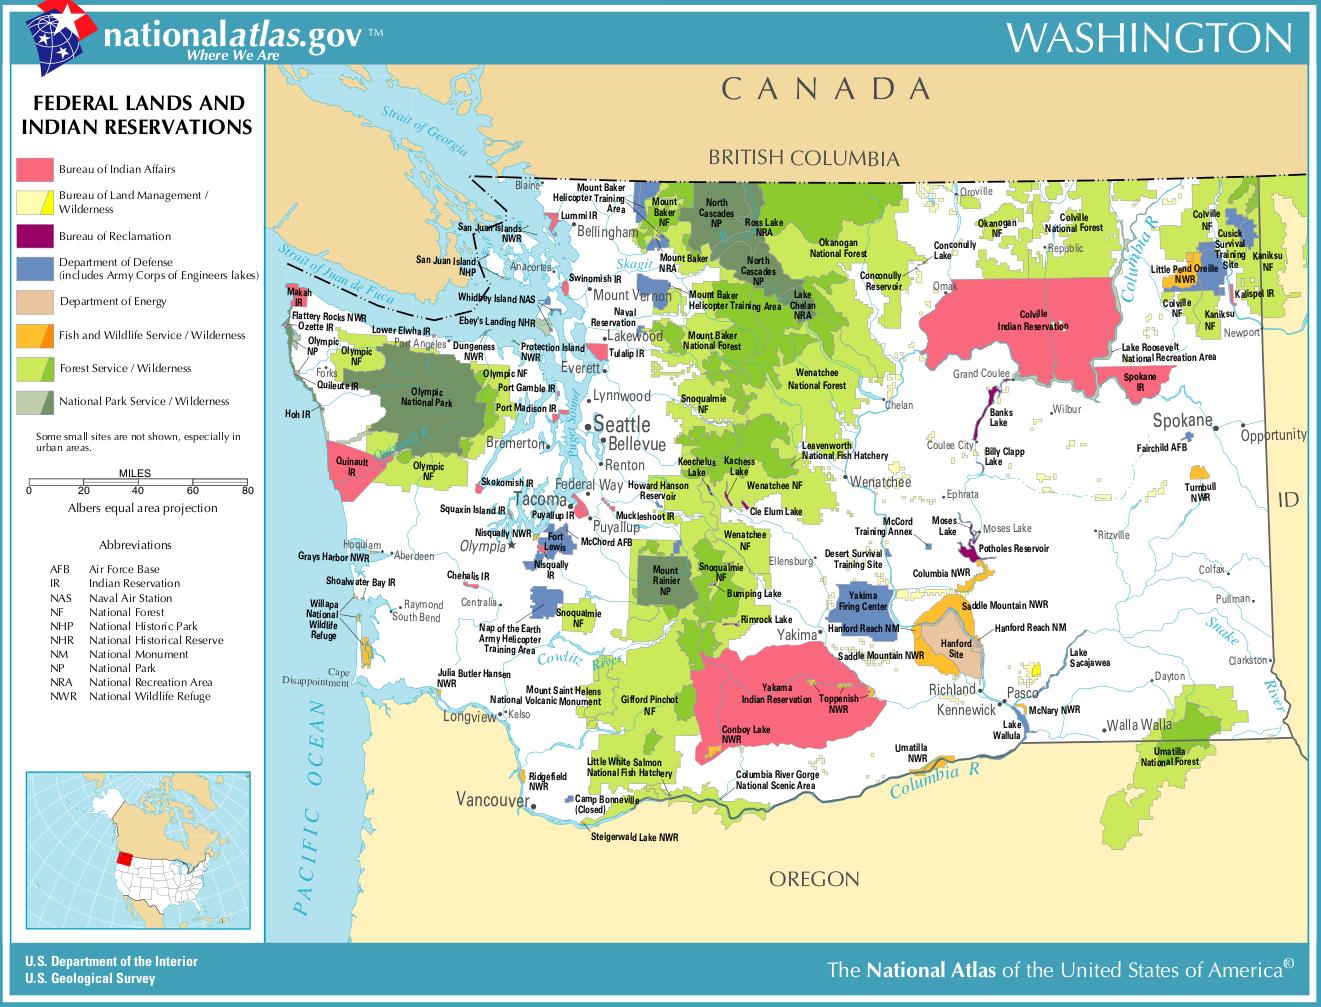 Washington-federal-lands-indian-reservations-map | Weltatlas